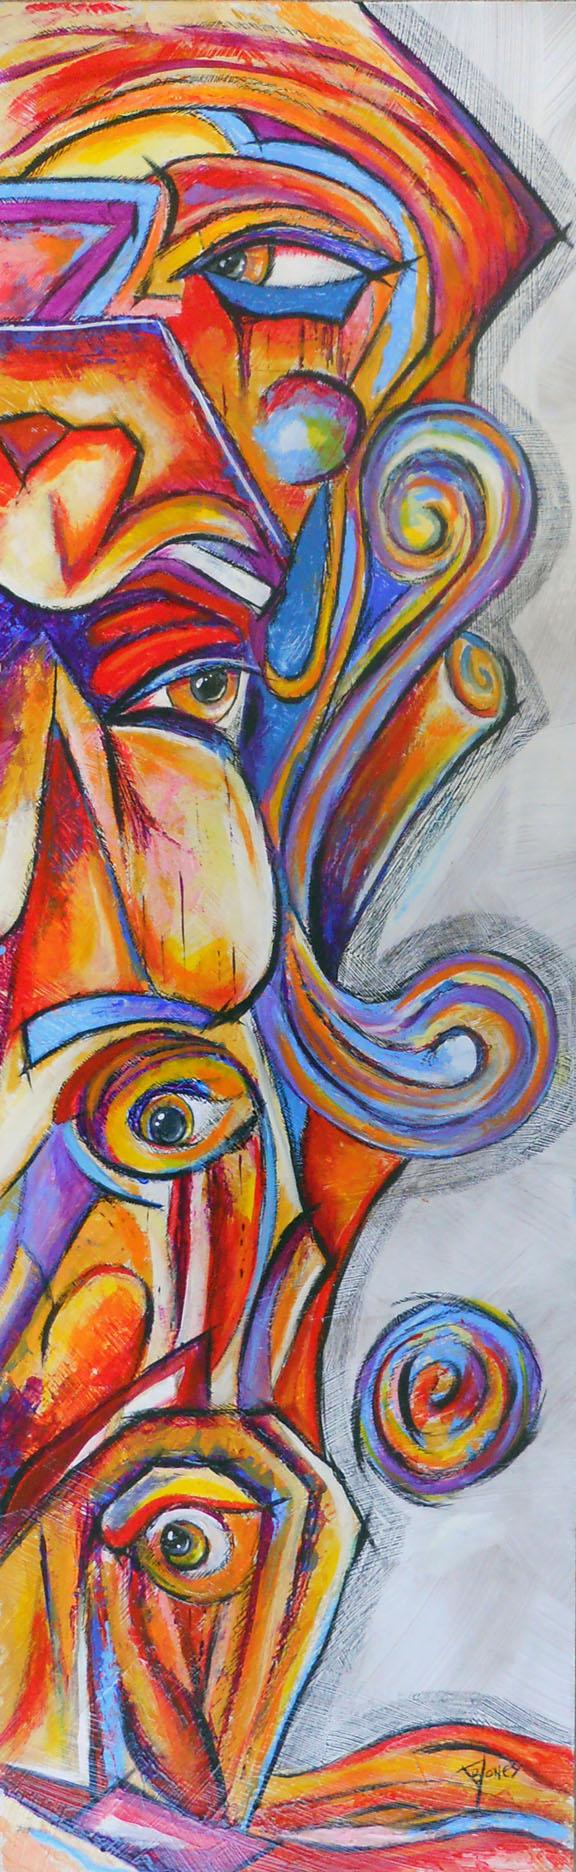 Four Eyes.jpg